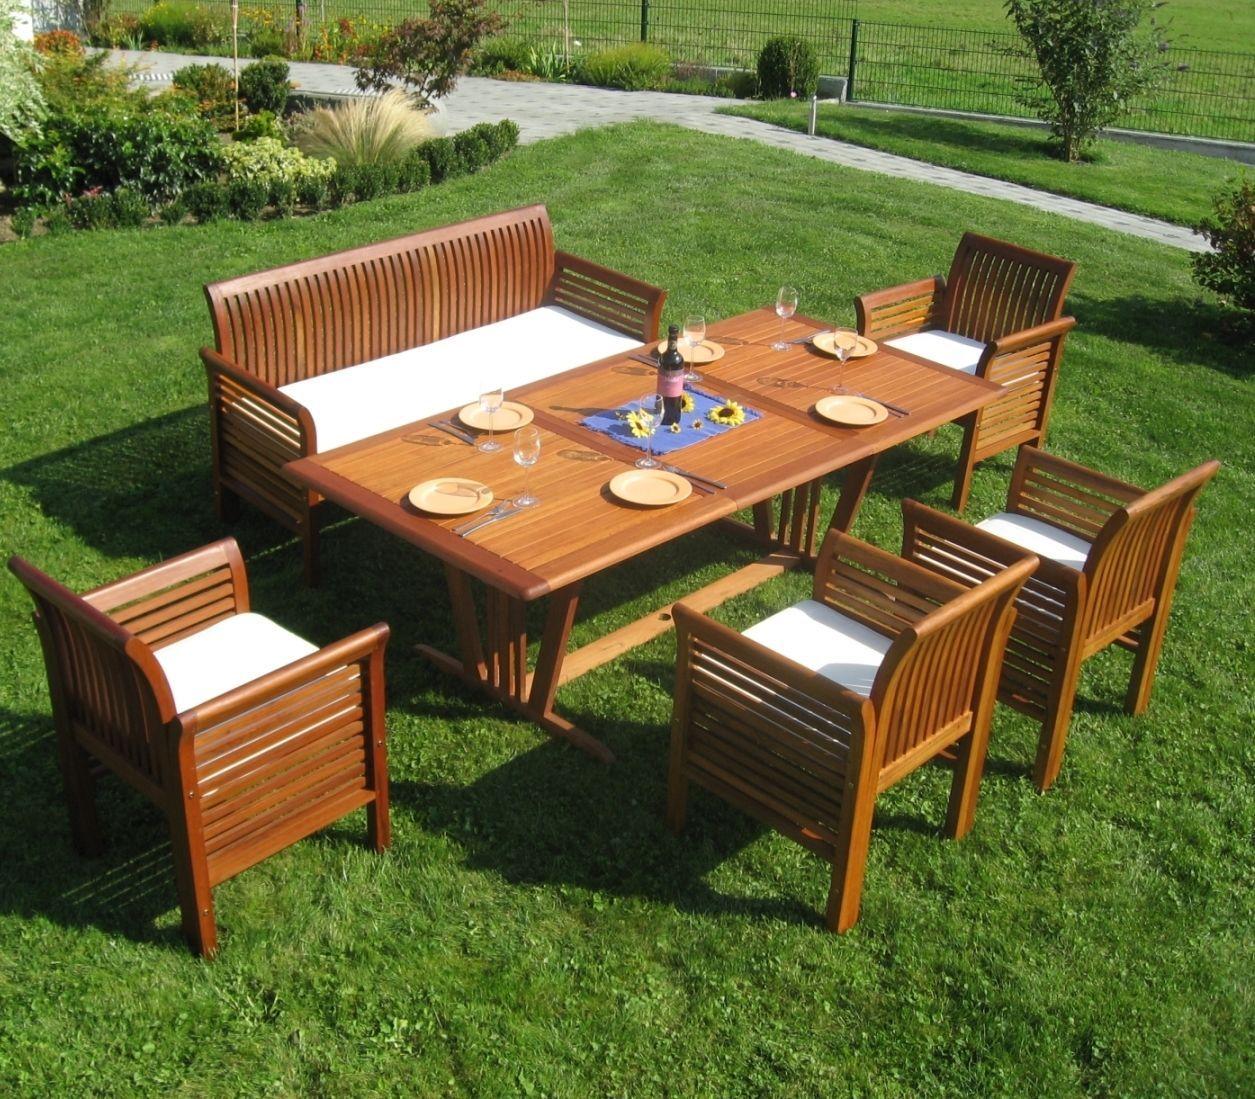 Ebay Camping Campingmobel Campingtische Tische Gartensitzgruppe Holz Big Family Tisch Oval Oder Eck Garten Sitzgruppe Sitzgarnitur Sitzgruppe